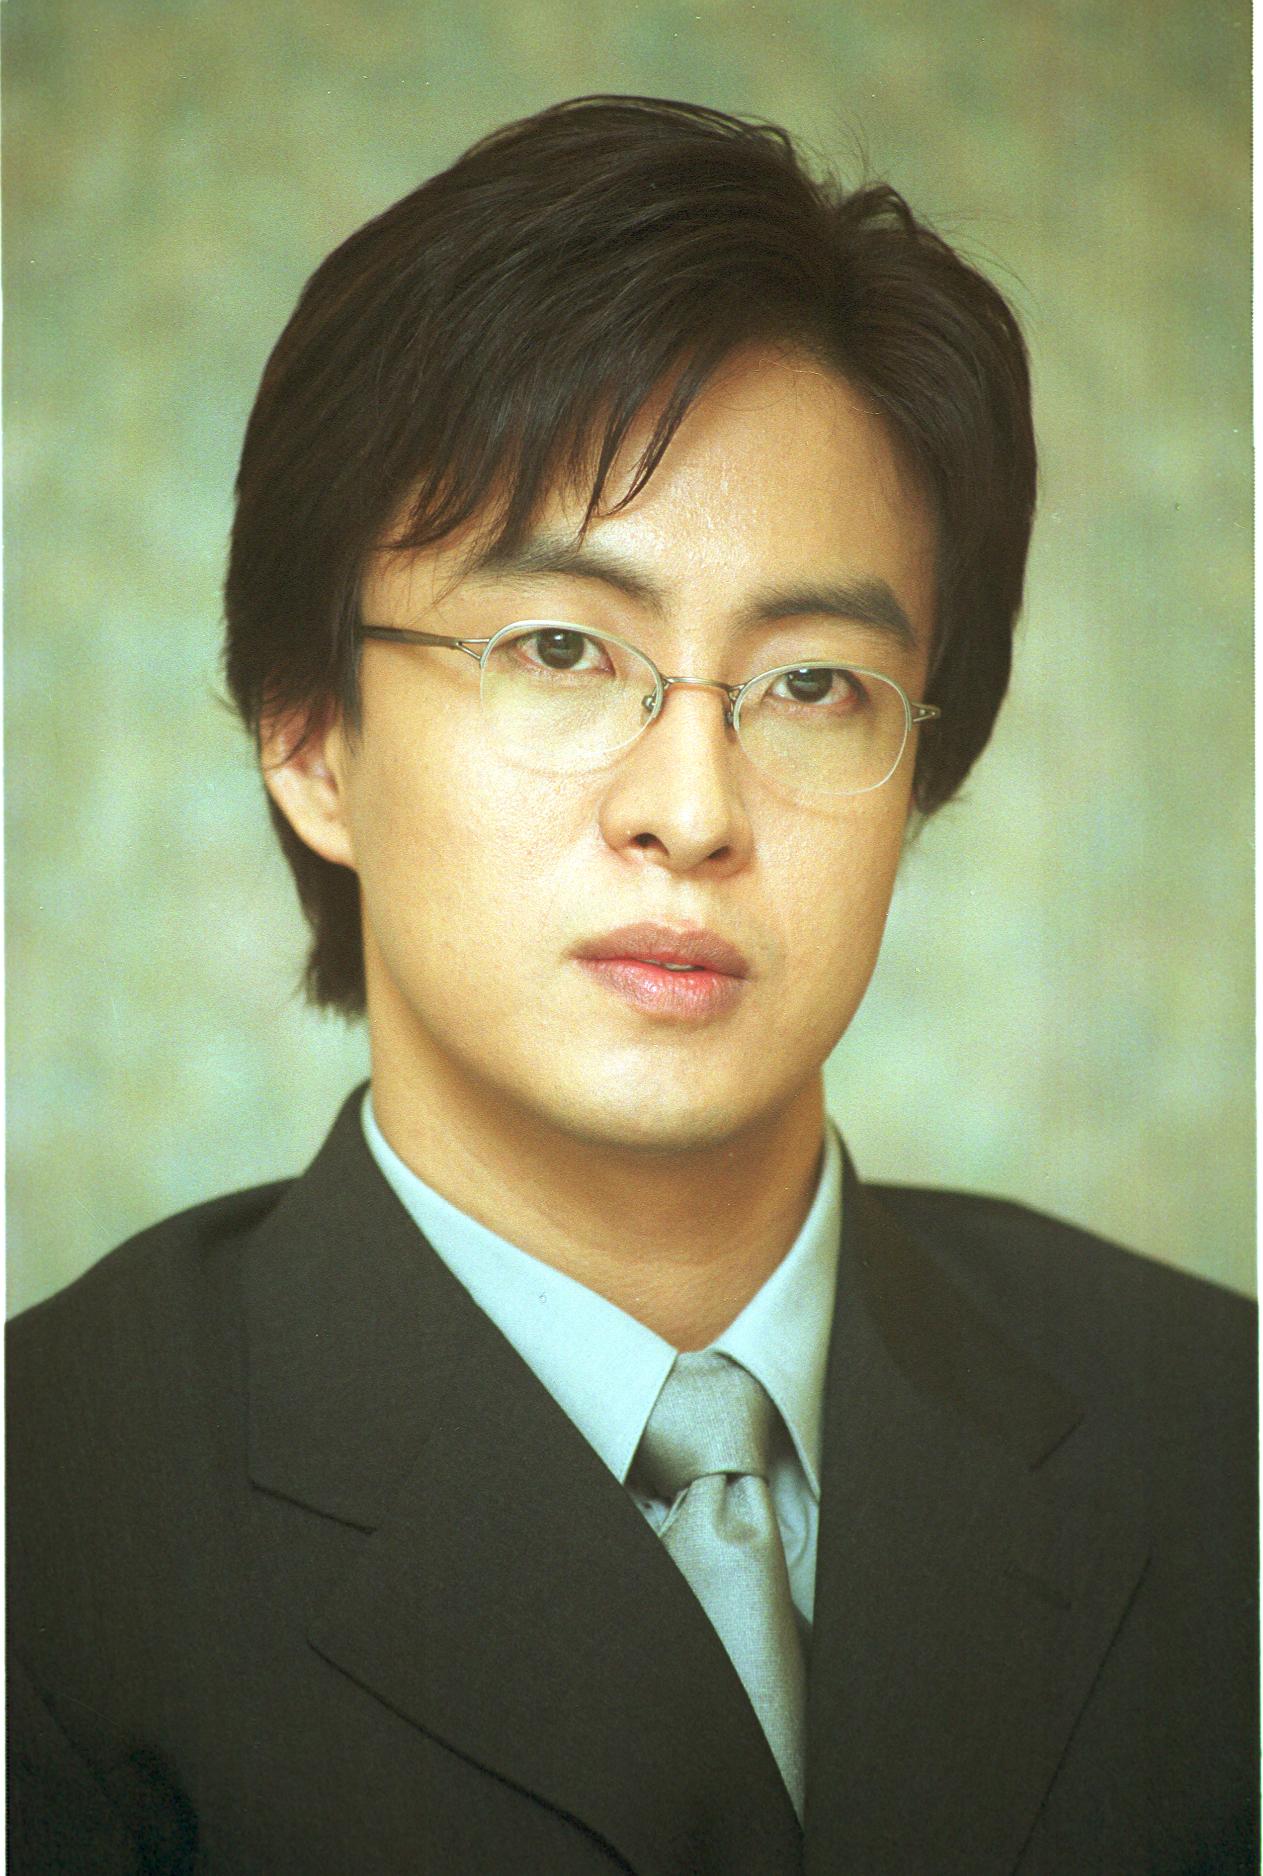 ペ・ヨンジュンの画像 p1_6